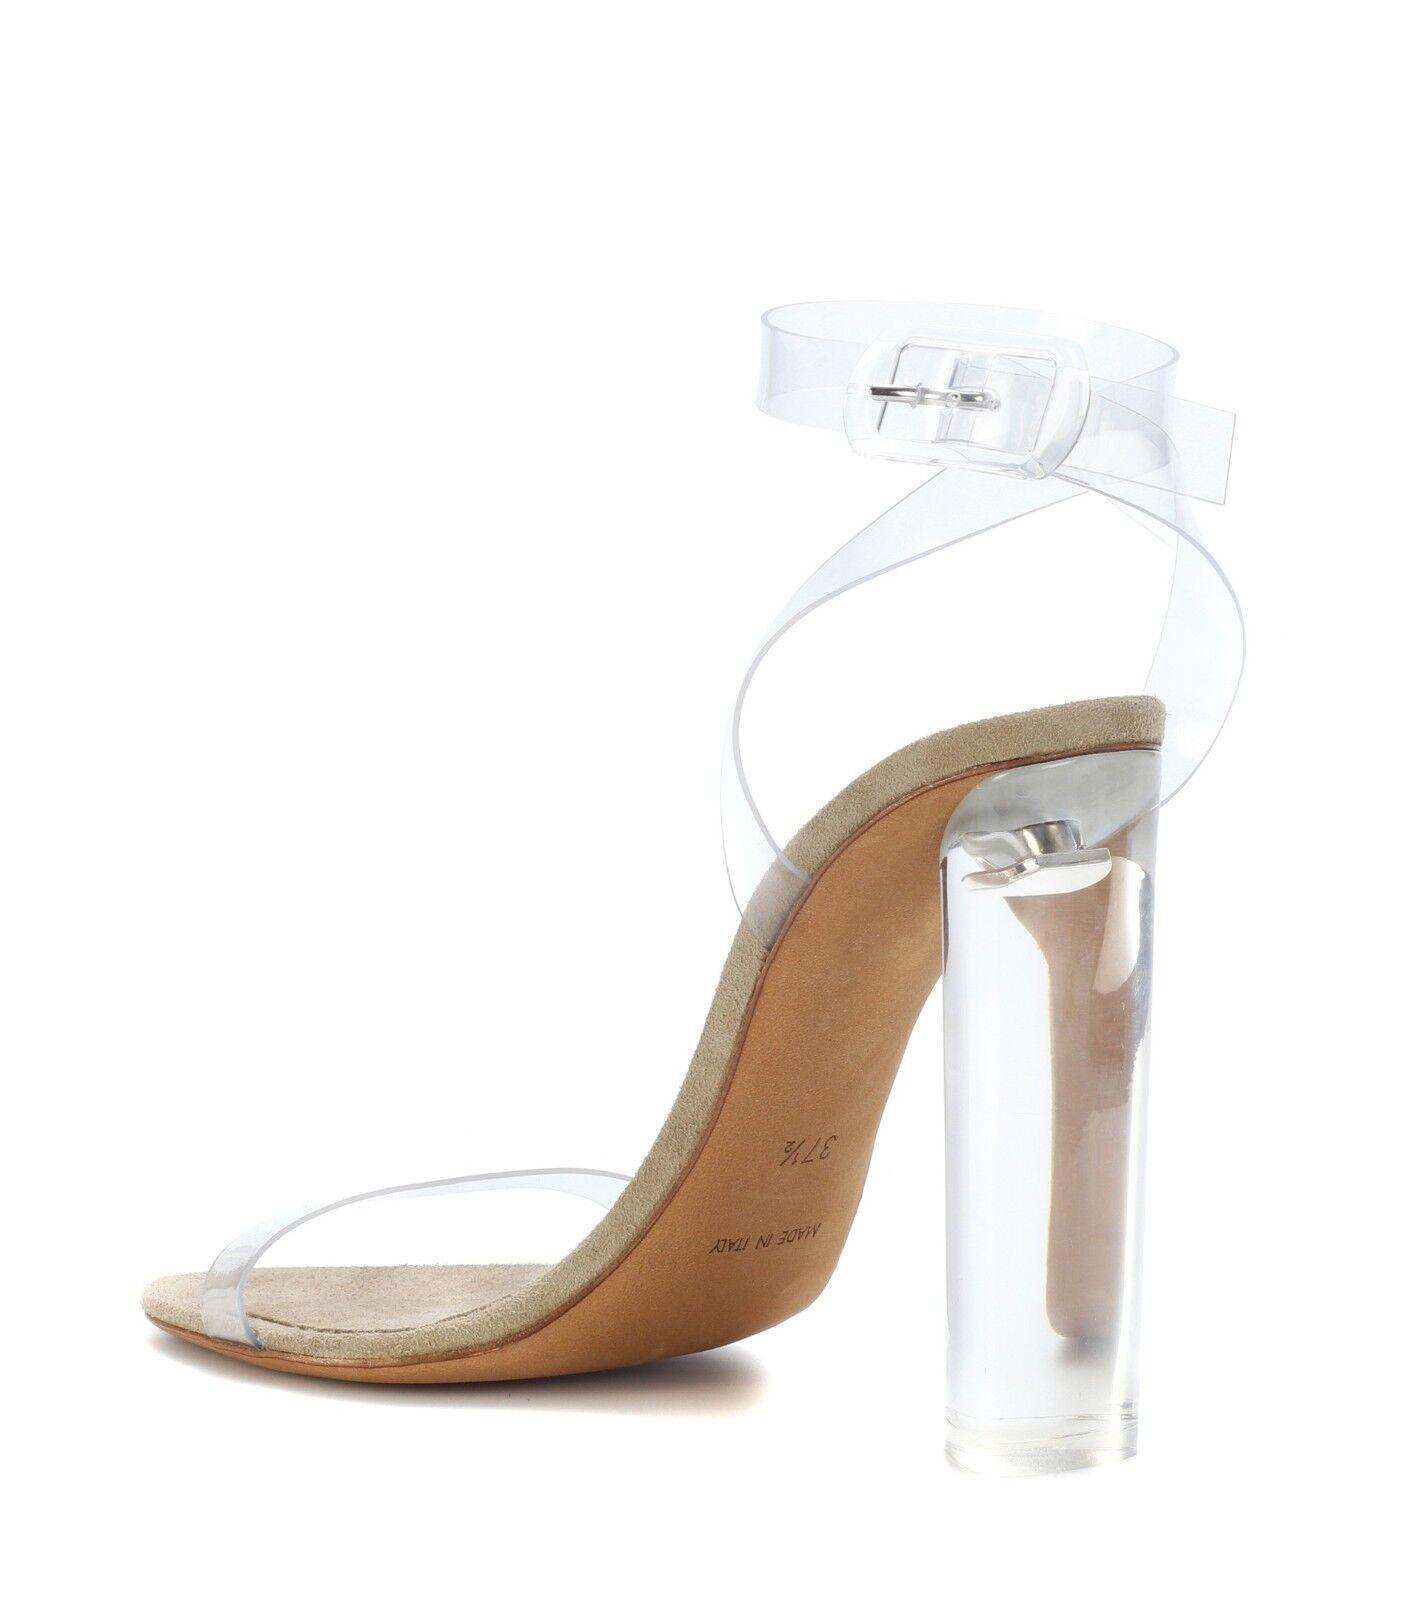 YEEZY SEASON 6 KIM LUCITE PVC KIM 6 KARDASHIAN KANYE WEST Kendall Plexi Sandal 37 7 d61391